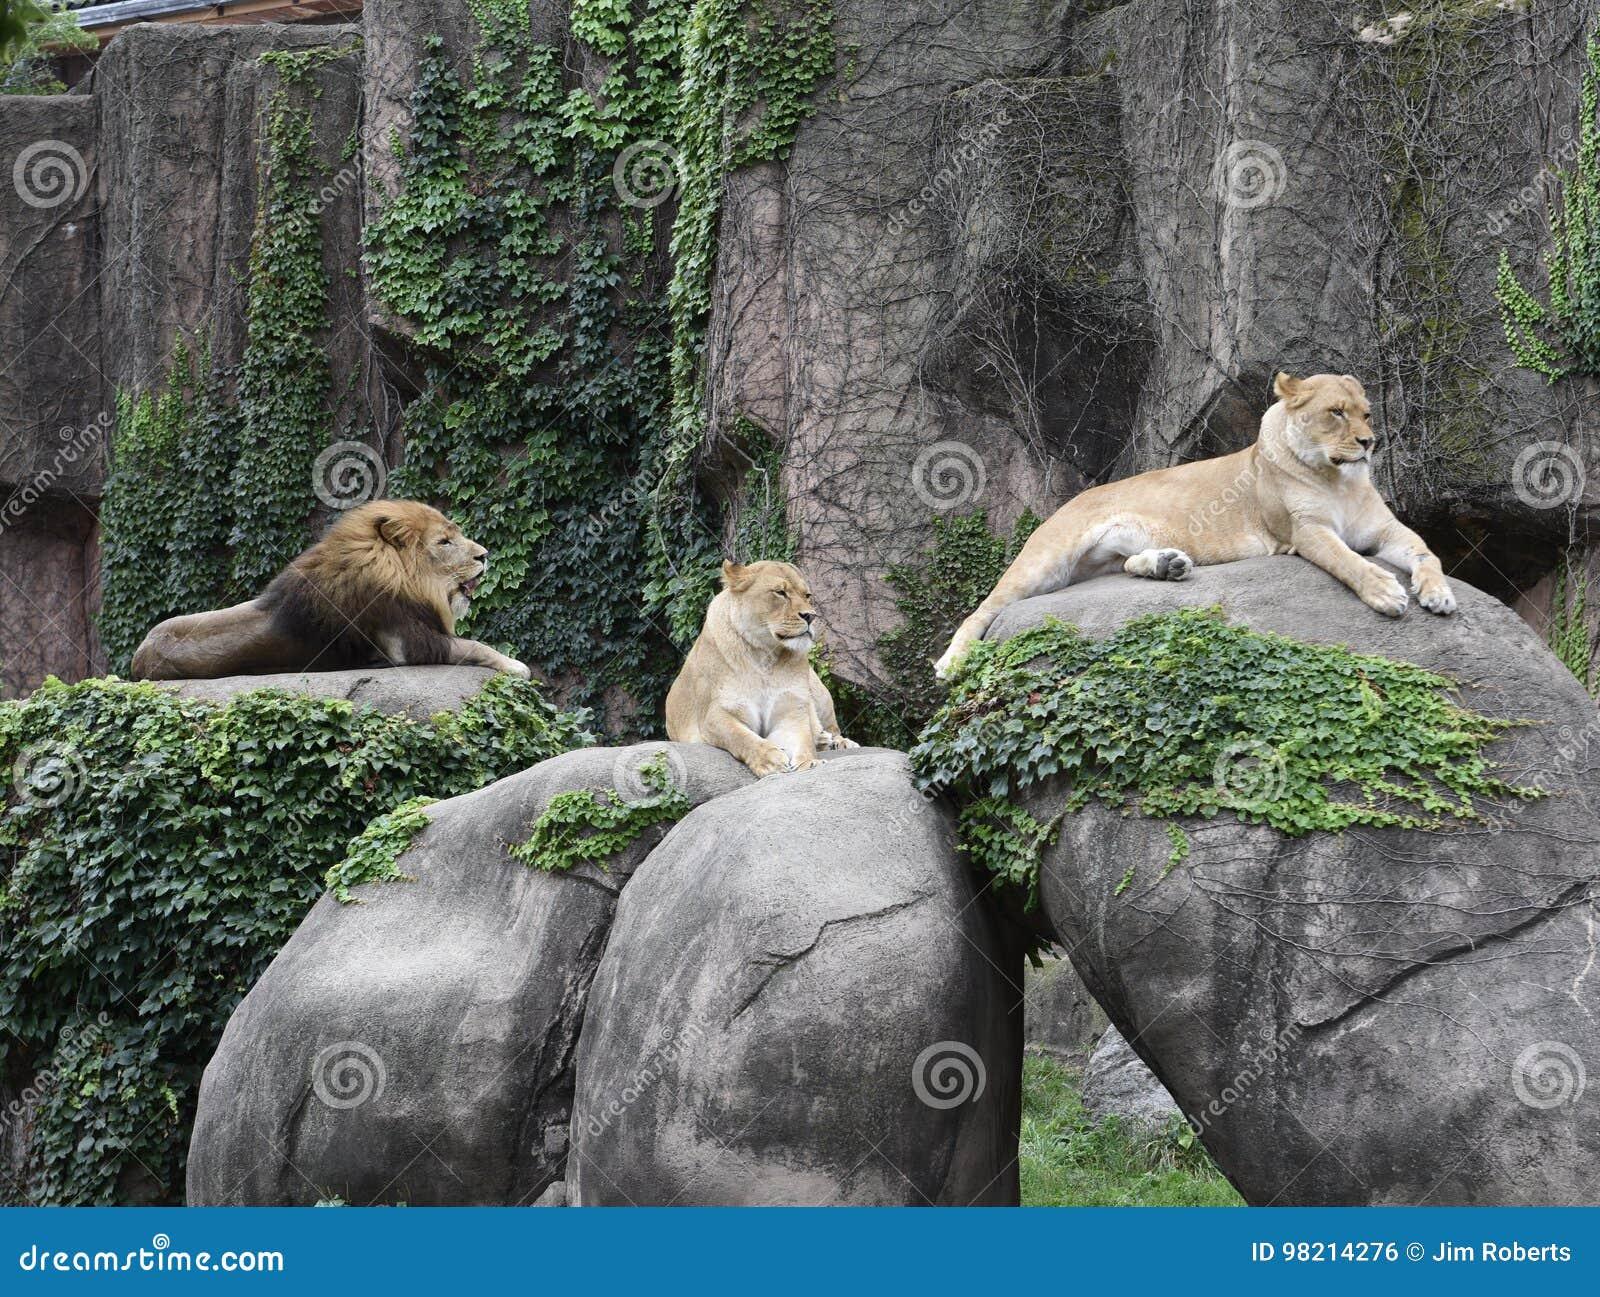 Lincoln Park Zoo Pride